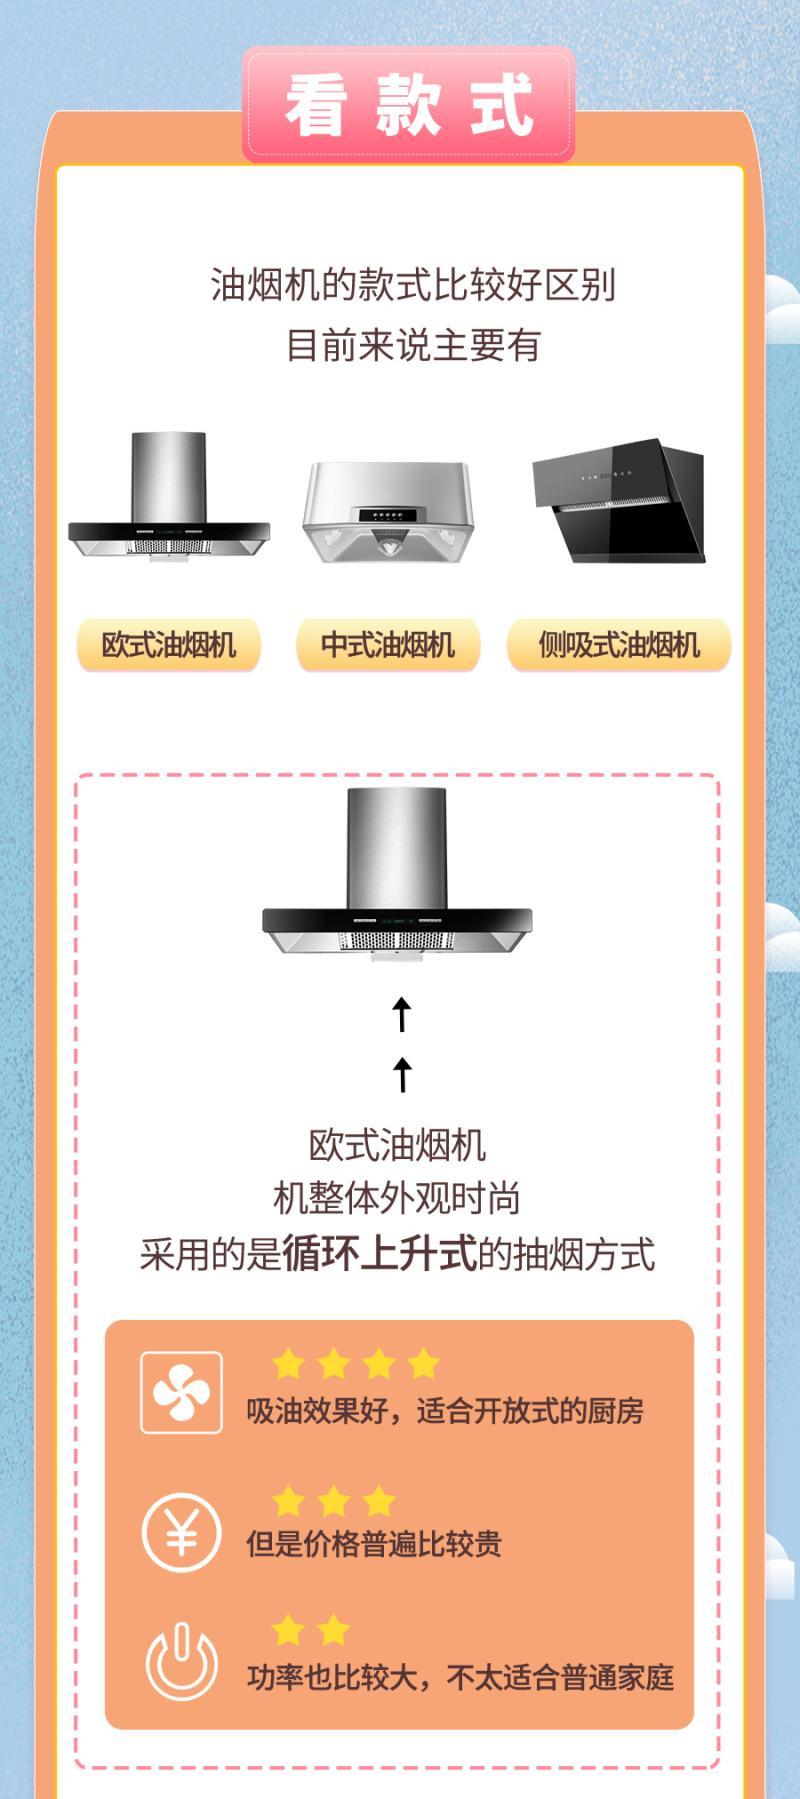 油烟机怎么选_02.jpg